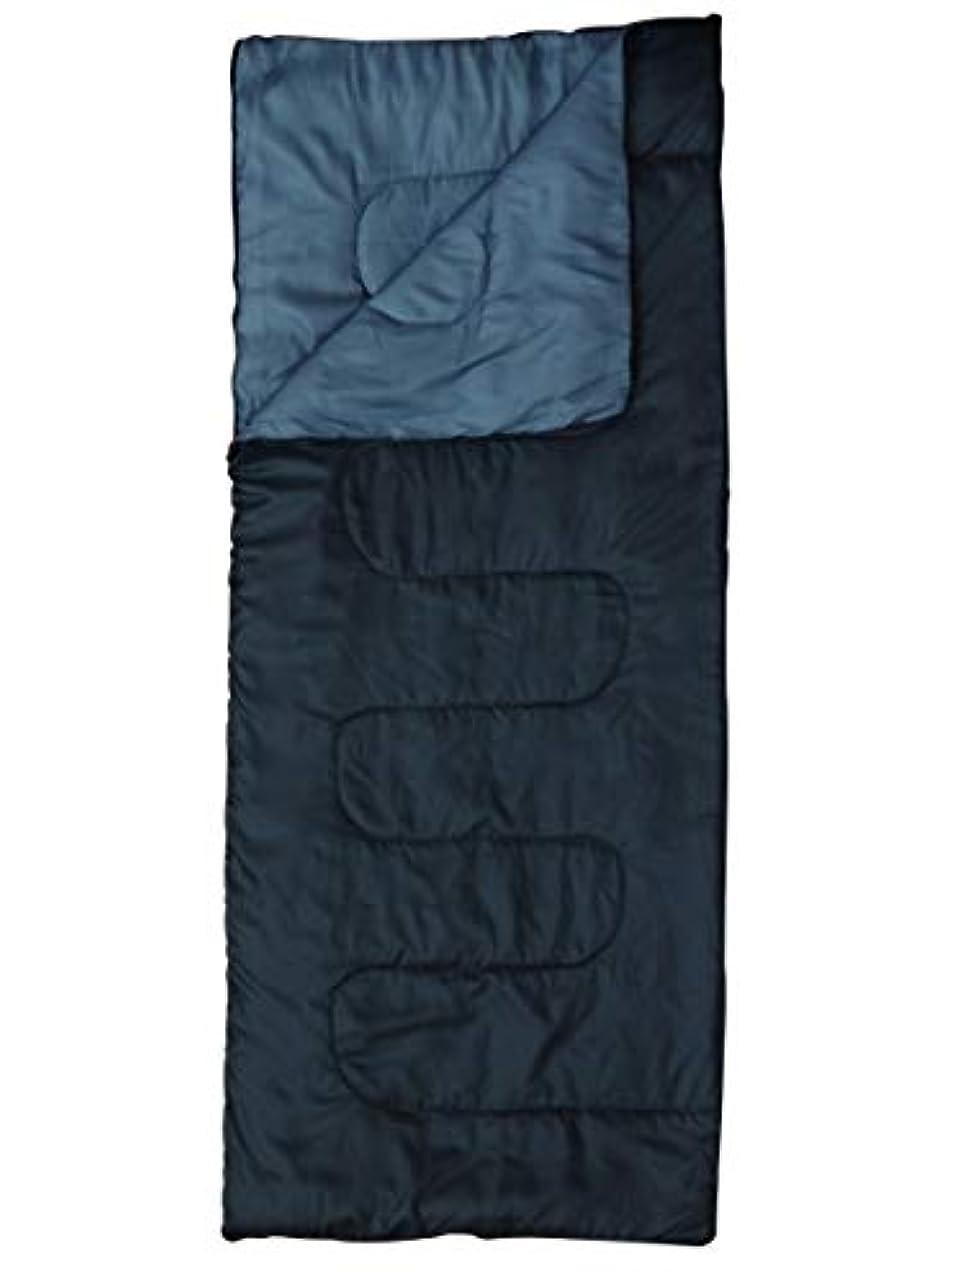 締め切り顕著魅力MerMonde (メルモンド) 寝袋 冬用 シュラフ 封筒型 [最低温度 10℃] 丸洗い コンパクト [ アウトドア/キャンプ/防災 ] 収納袋付き (ブラック)